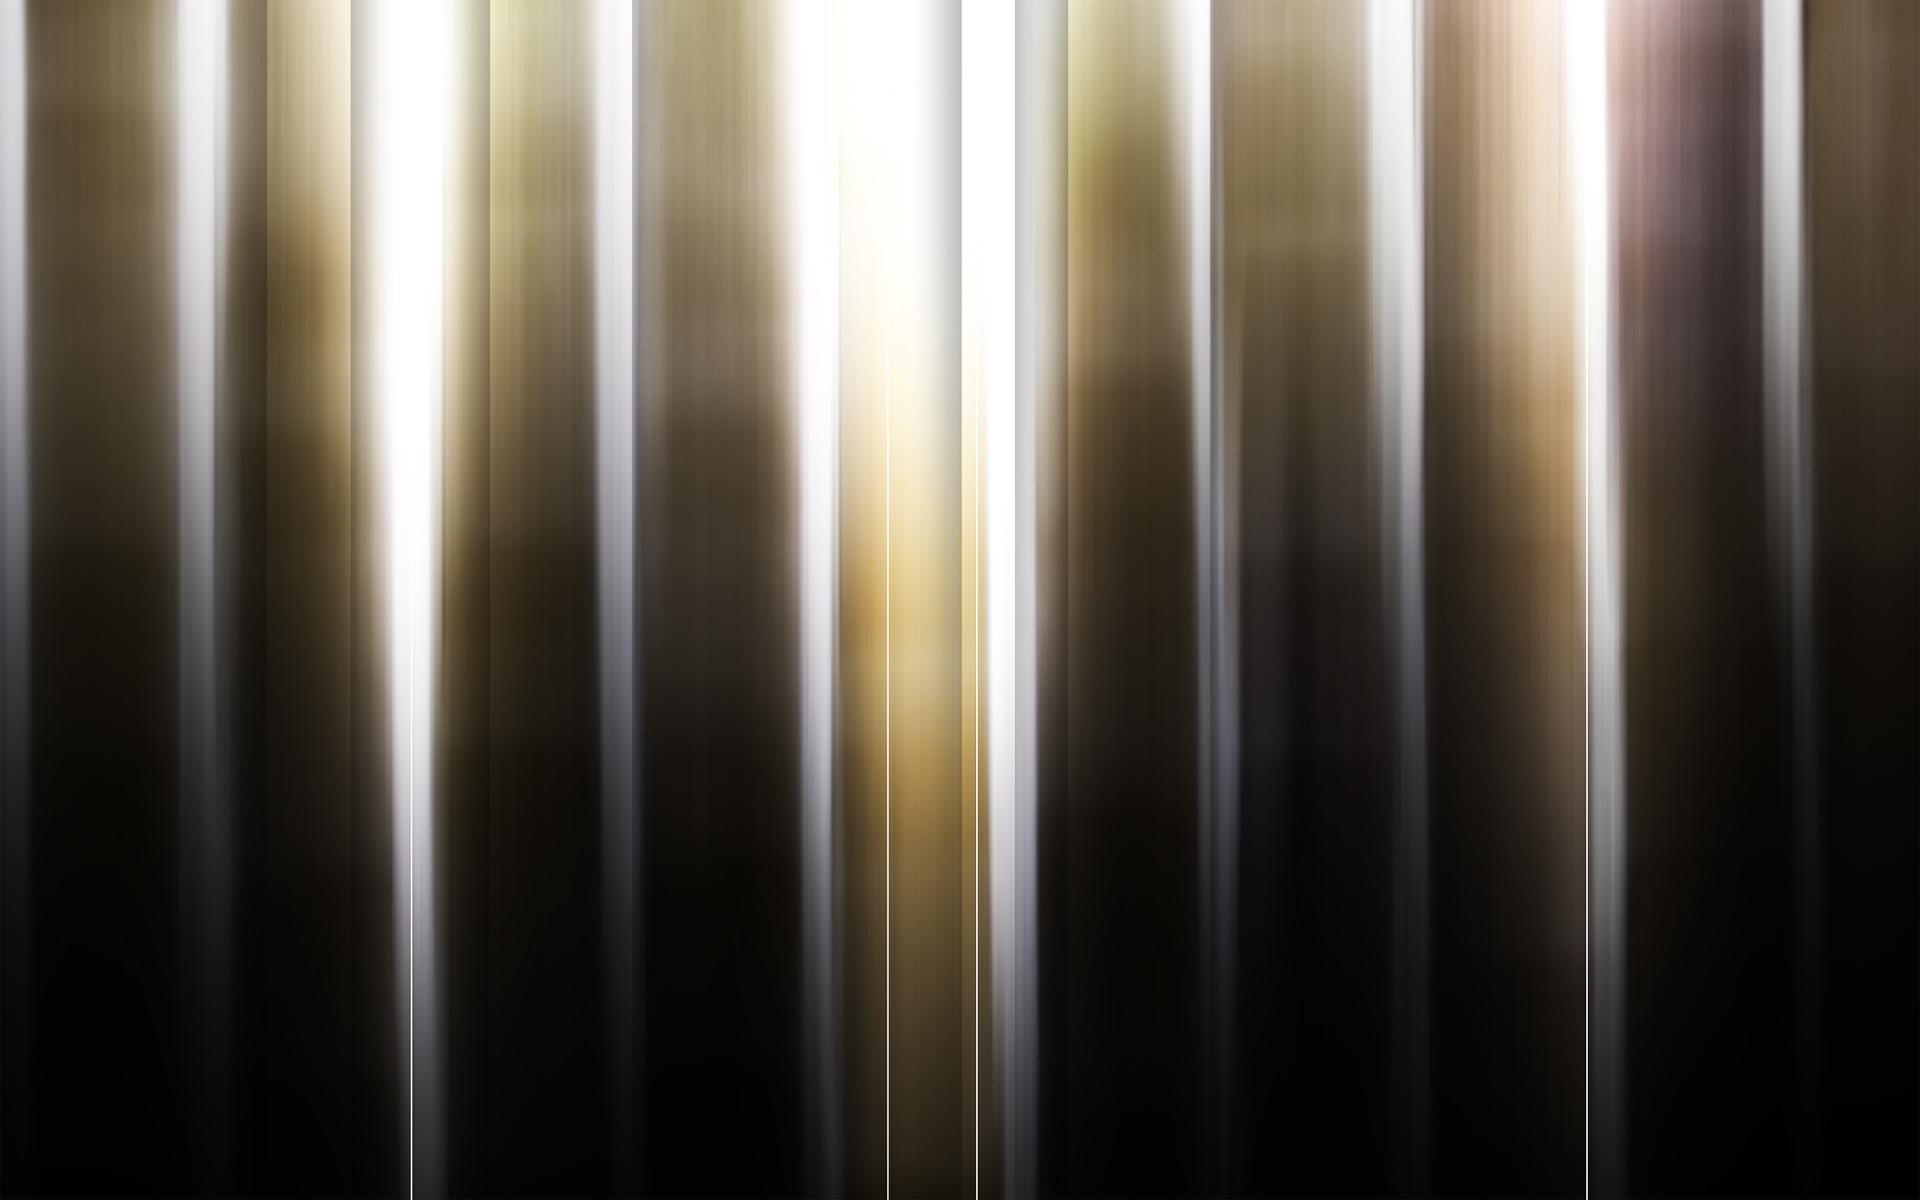 Chrome Wallpaper - WallpaperSafari